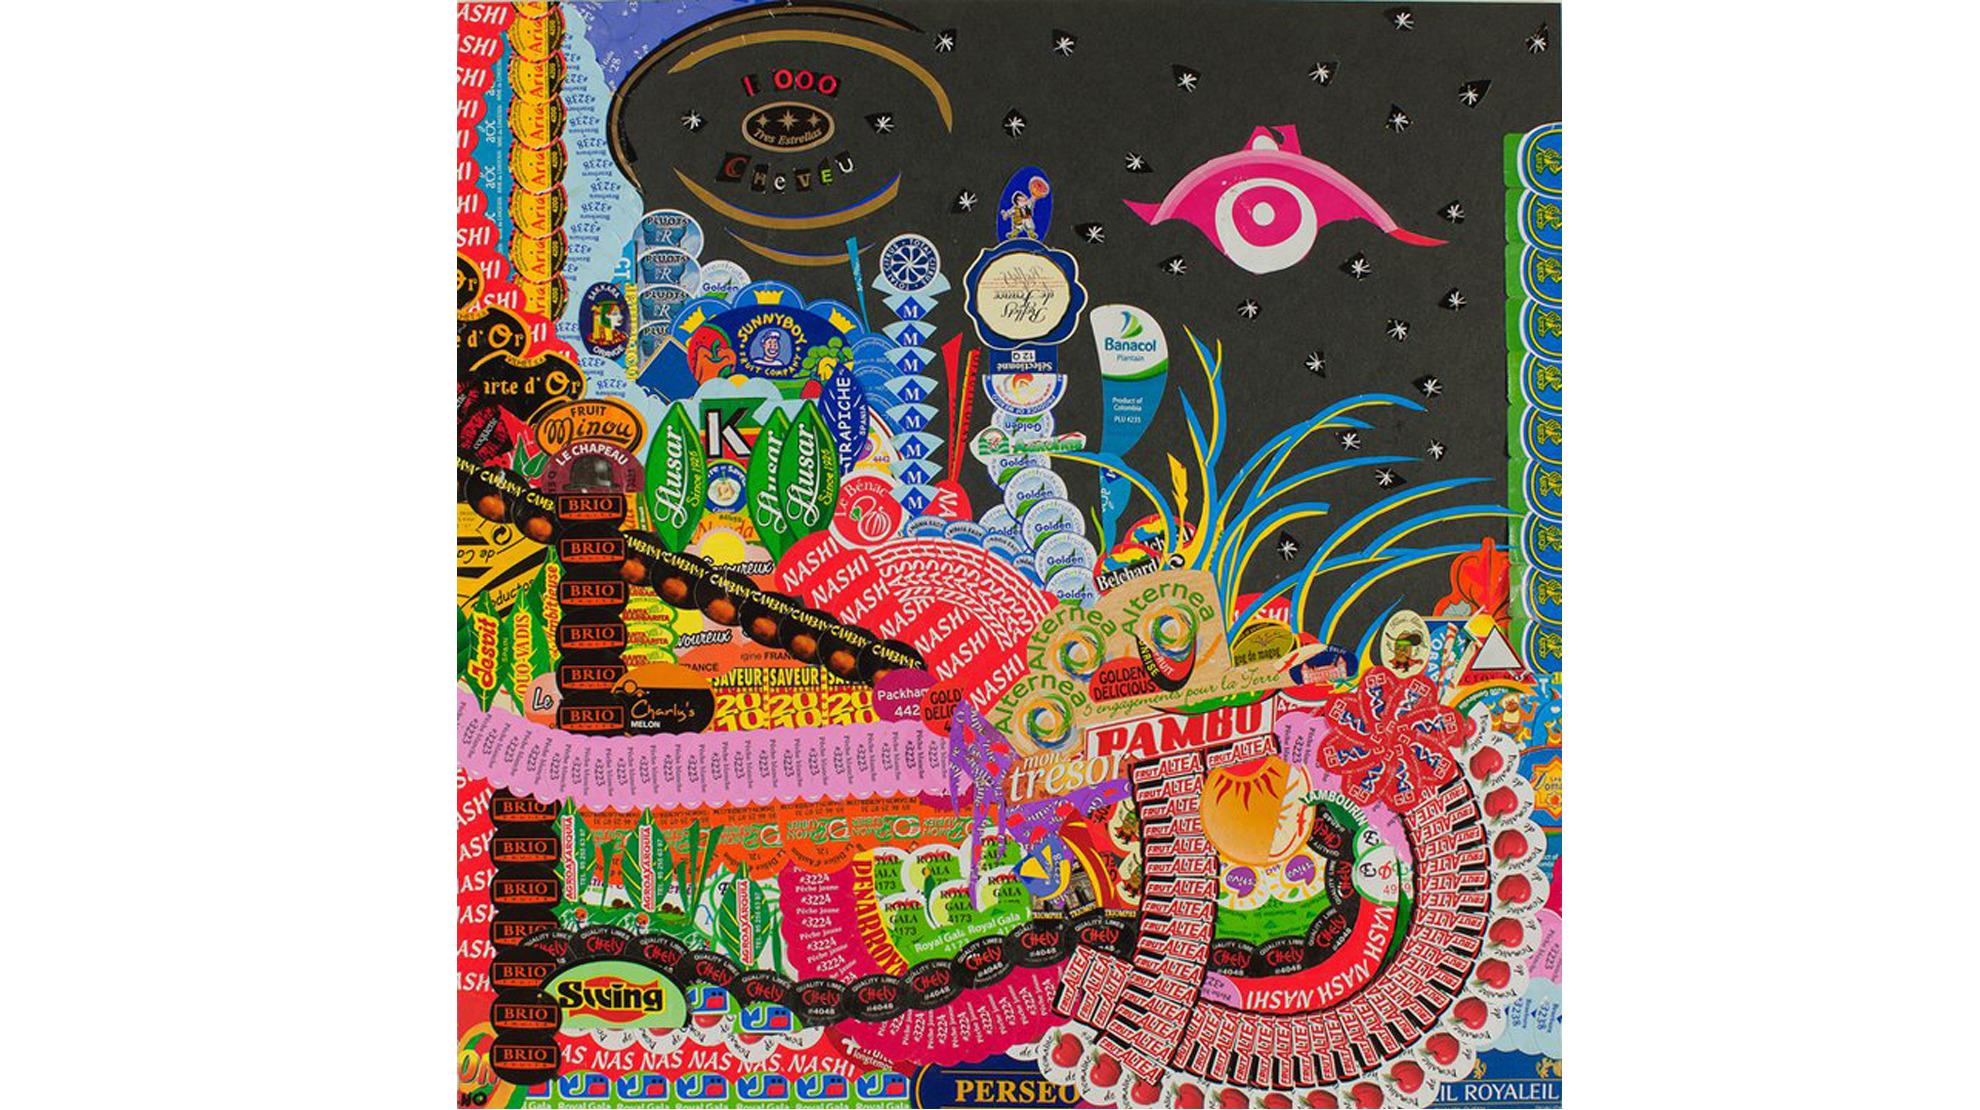 Cheveu • Mille (2010)